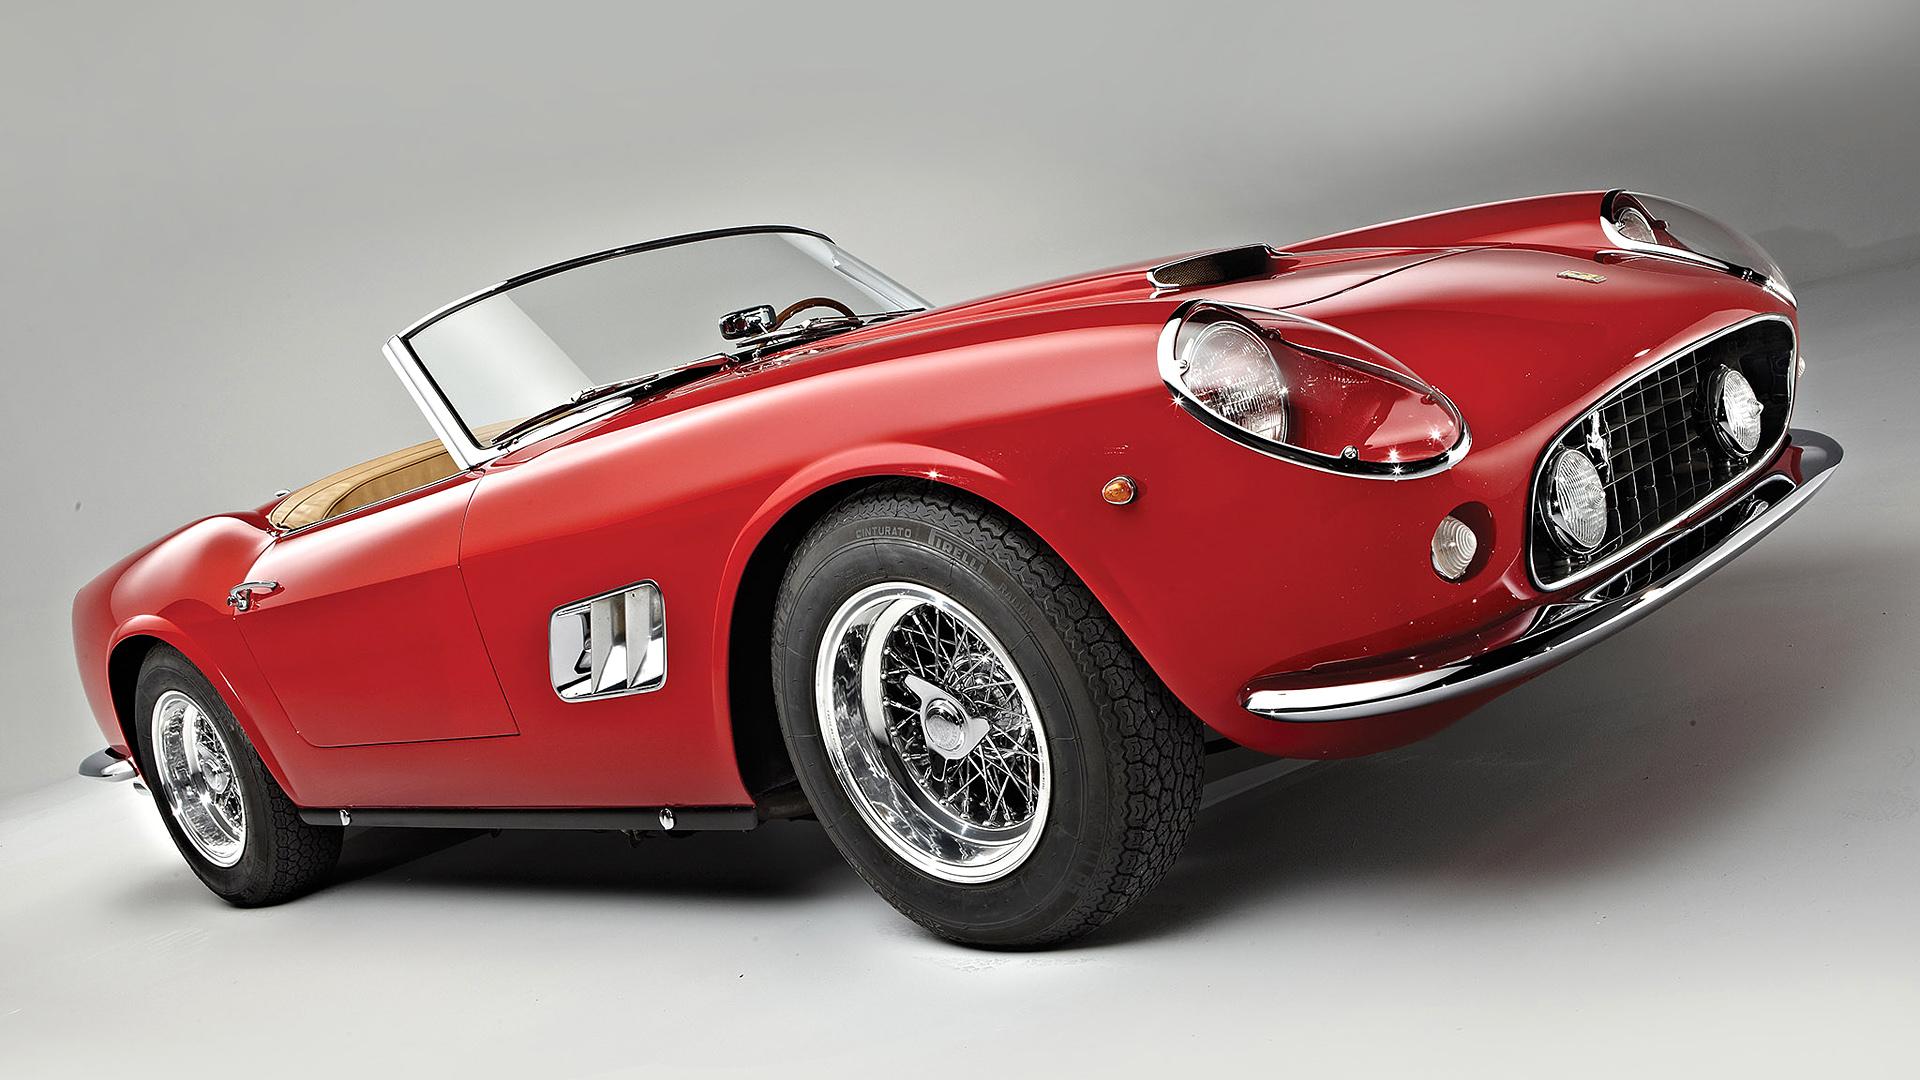 1963-Ferrari-250-GT-California-Spyder-V7-1080